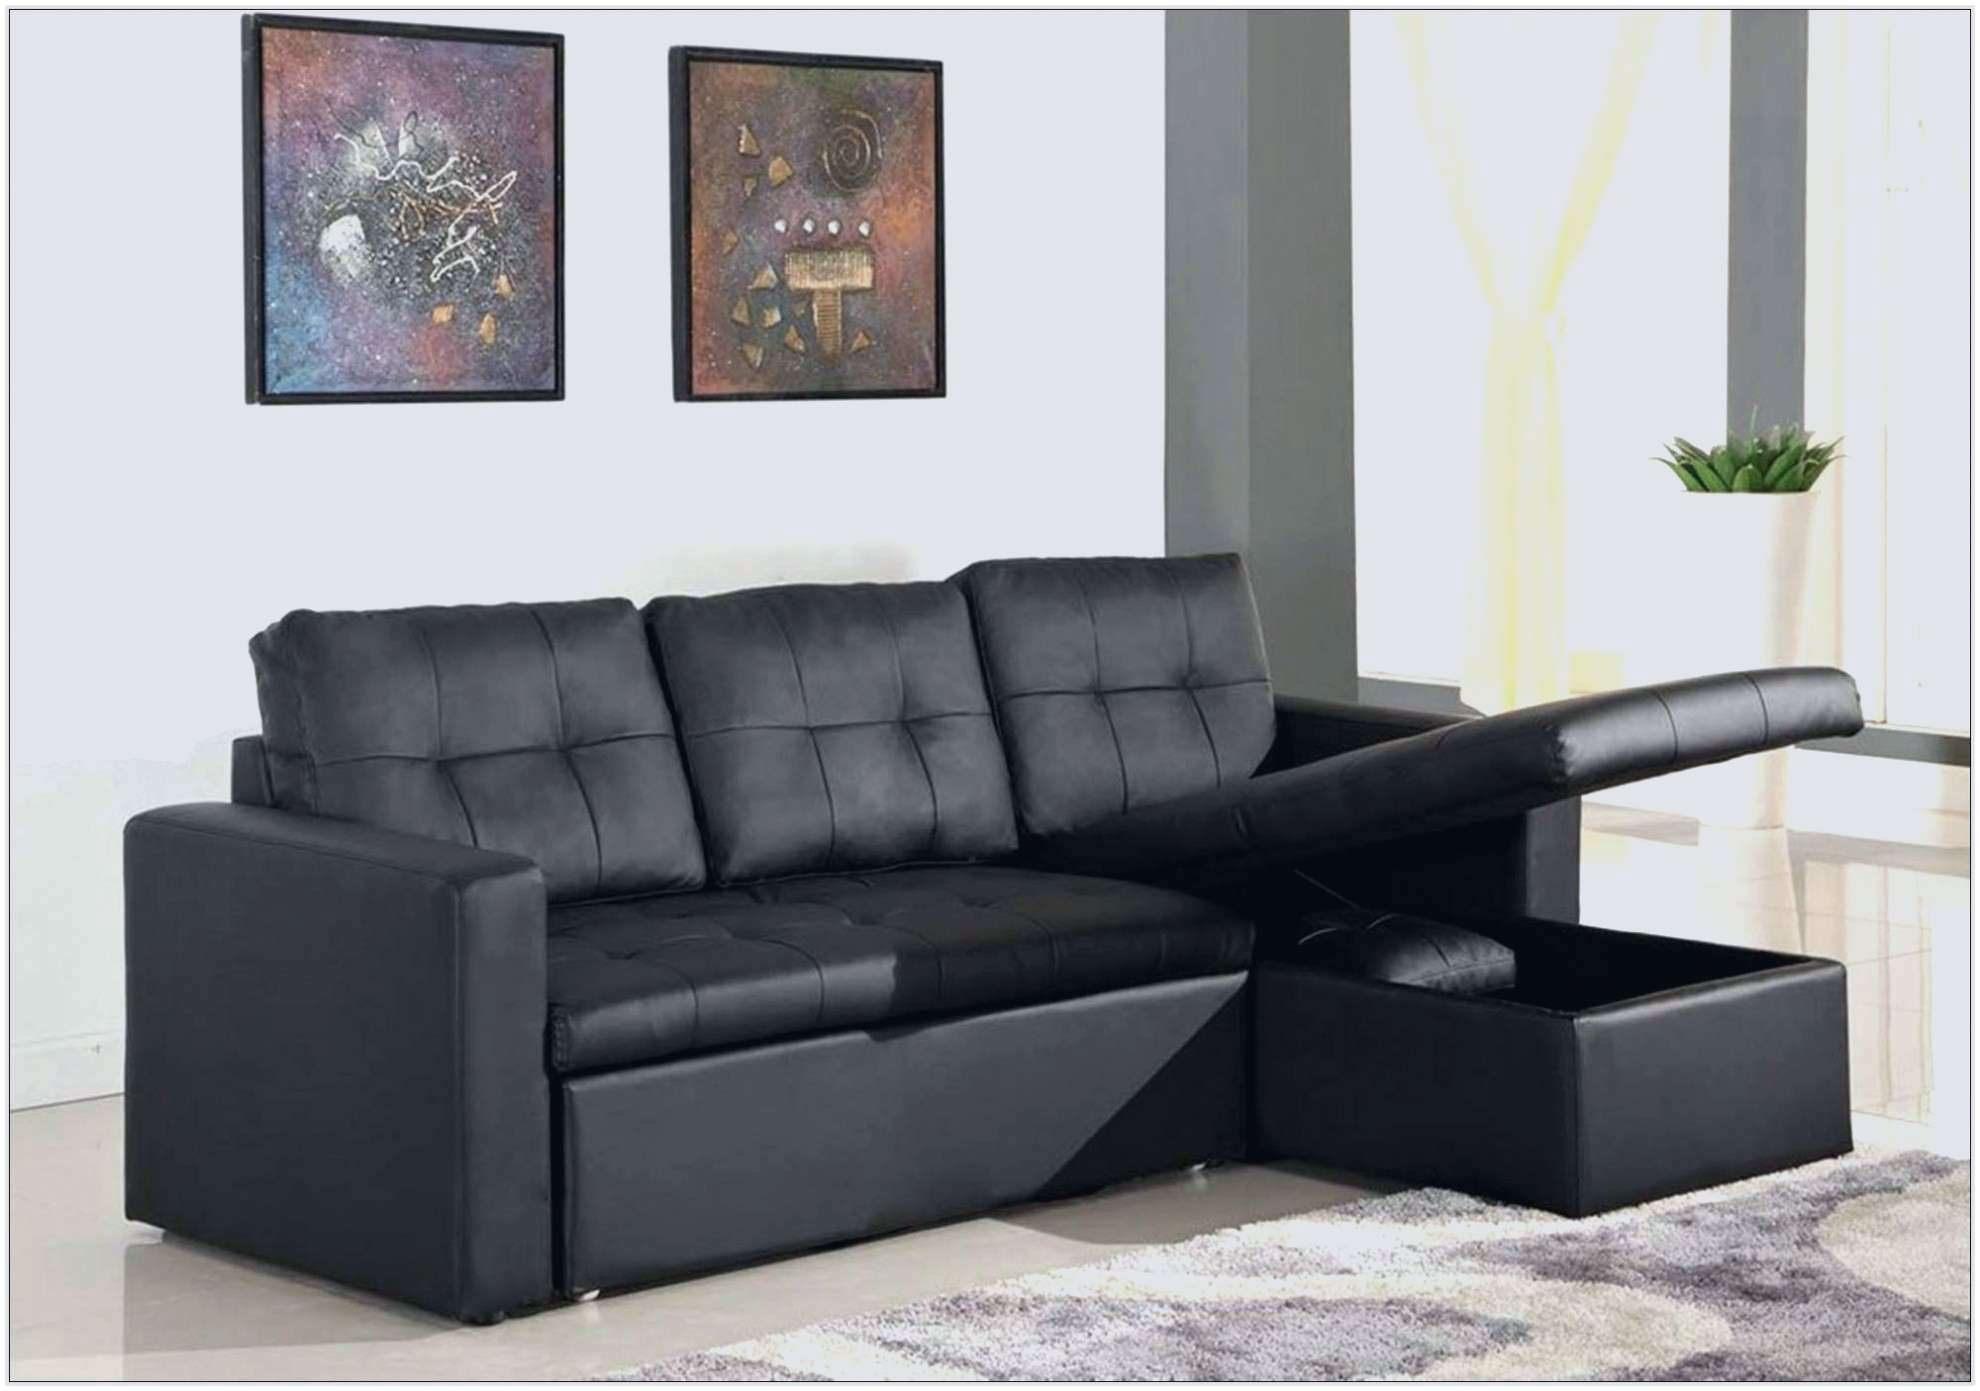 Ikea Canapé Lit Convertible Meilleur De Unique Luxe Canape D New Canape D Angle but Canape Meri Nne 0d